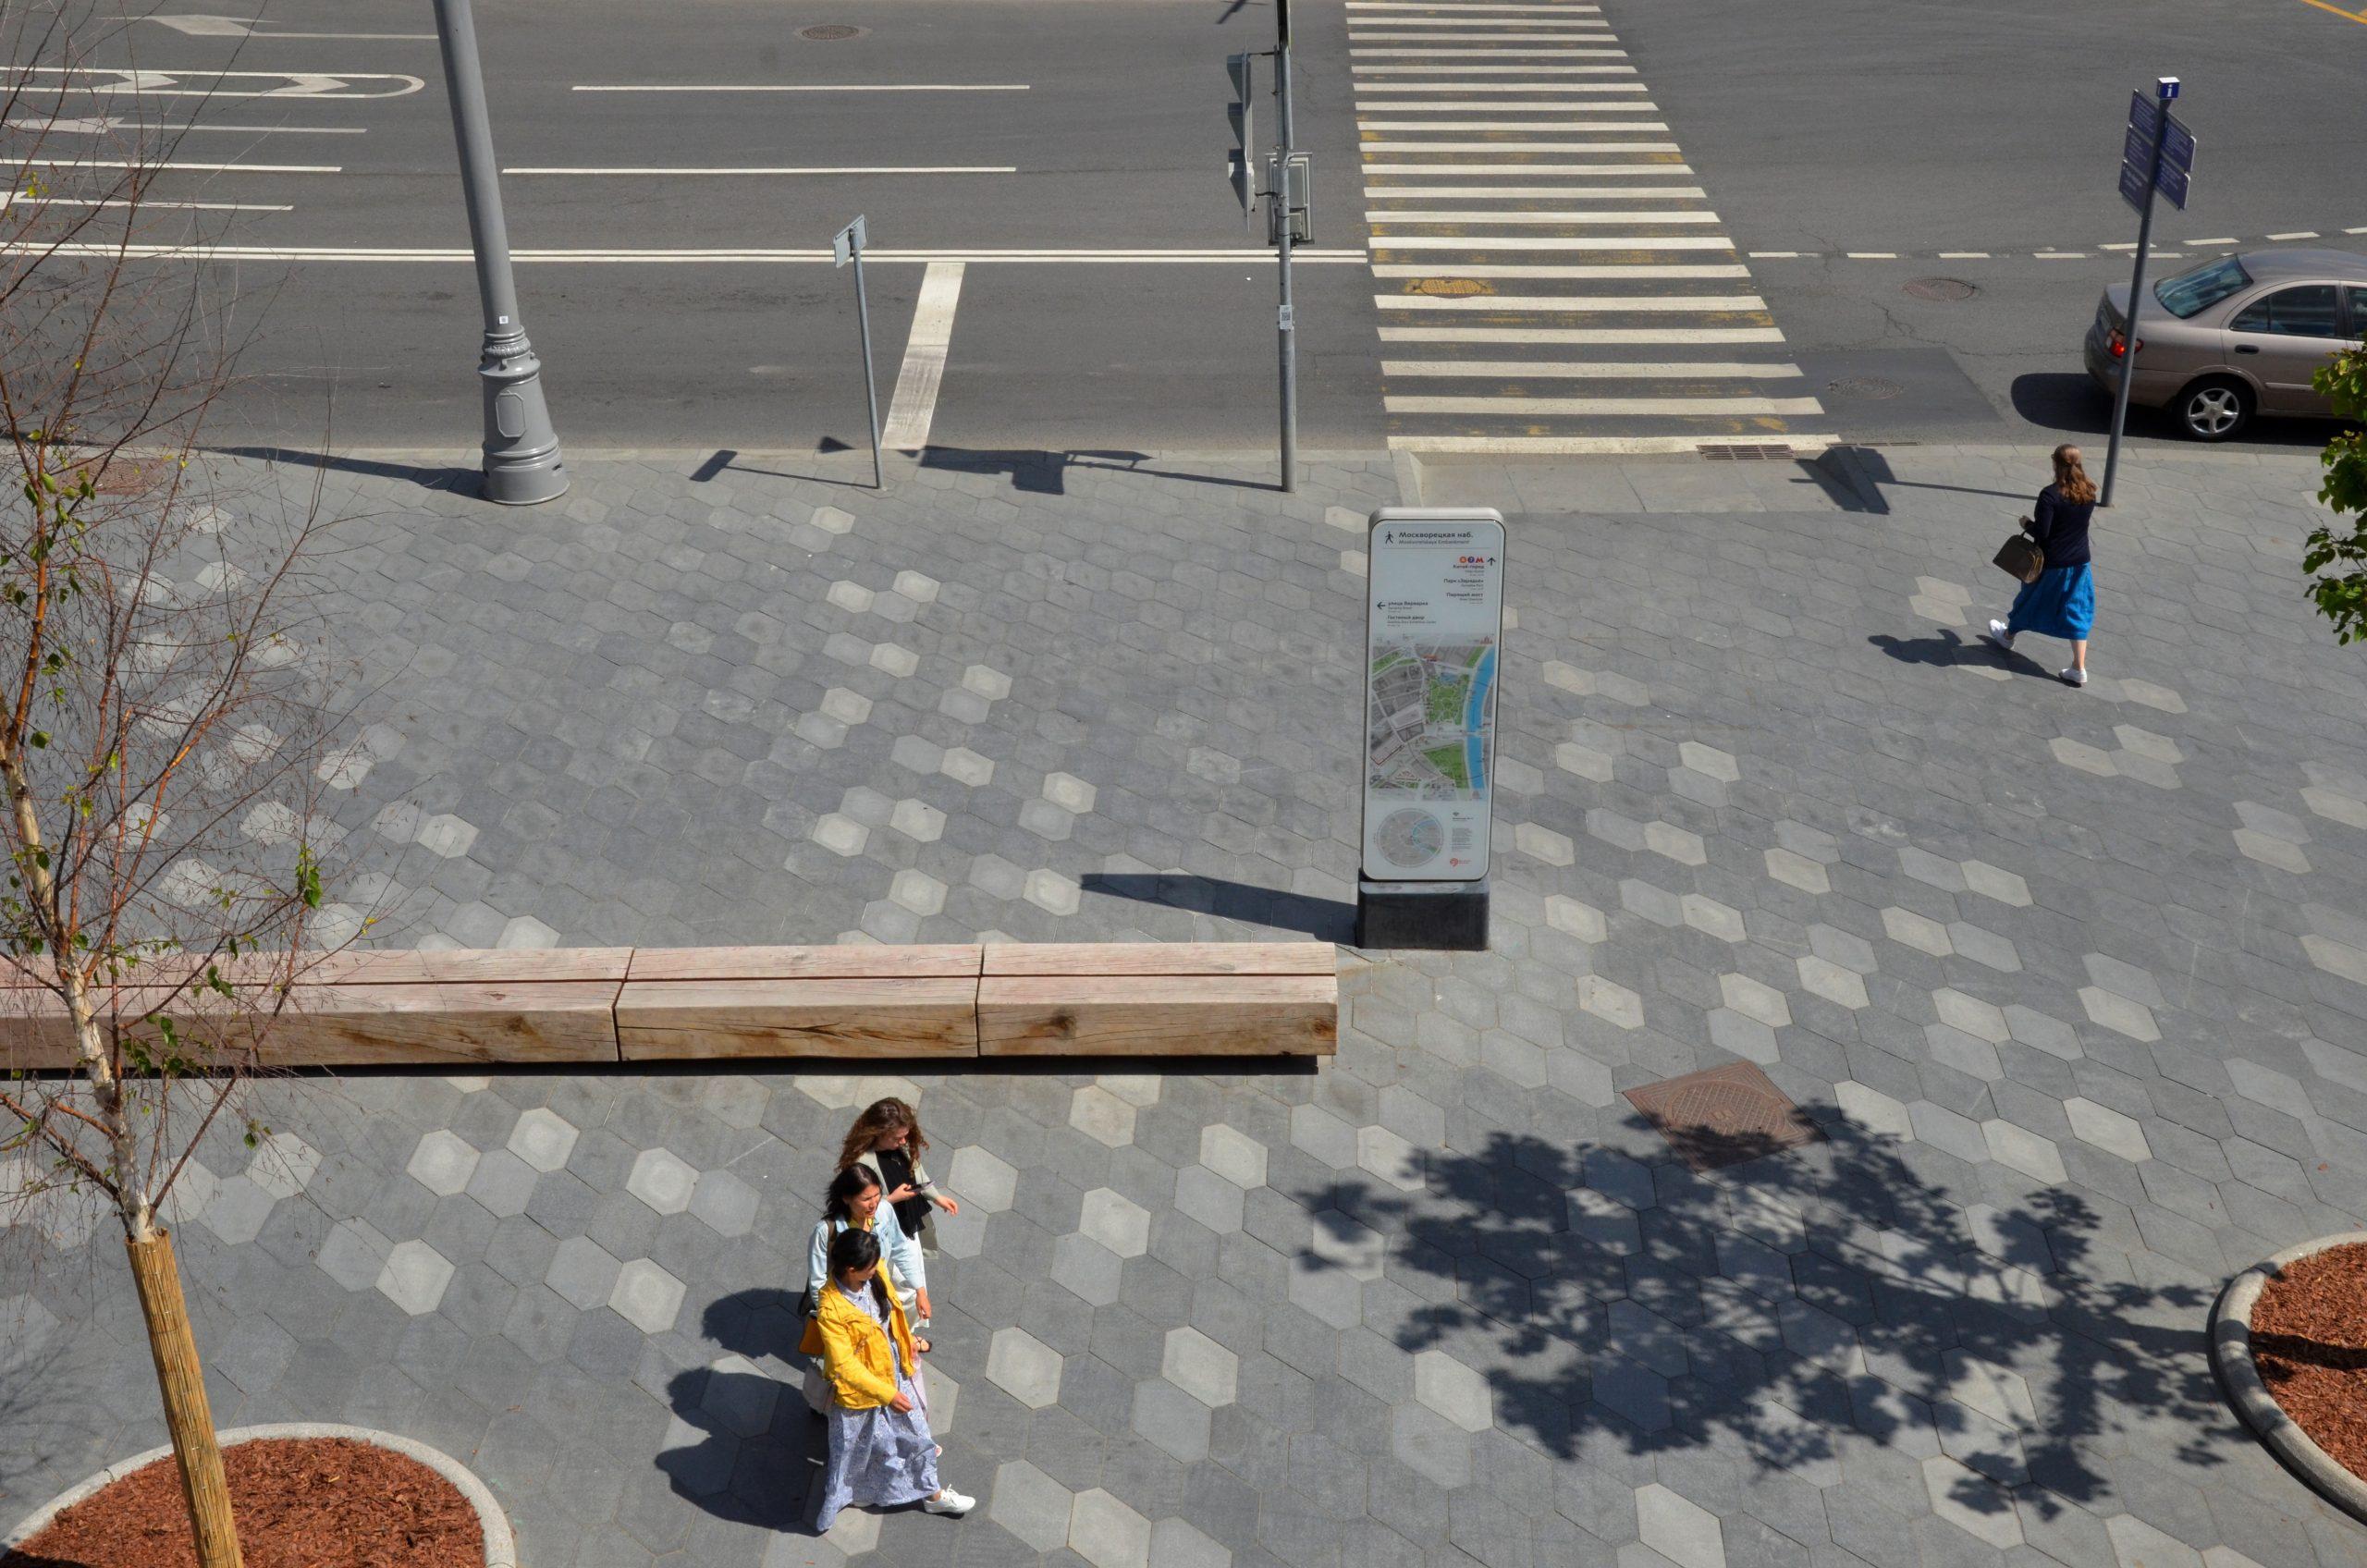 Специалисты закончили ремонт пешеходного маршрута вдоль улицы Ясеневой